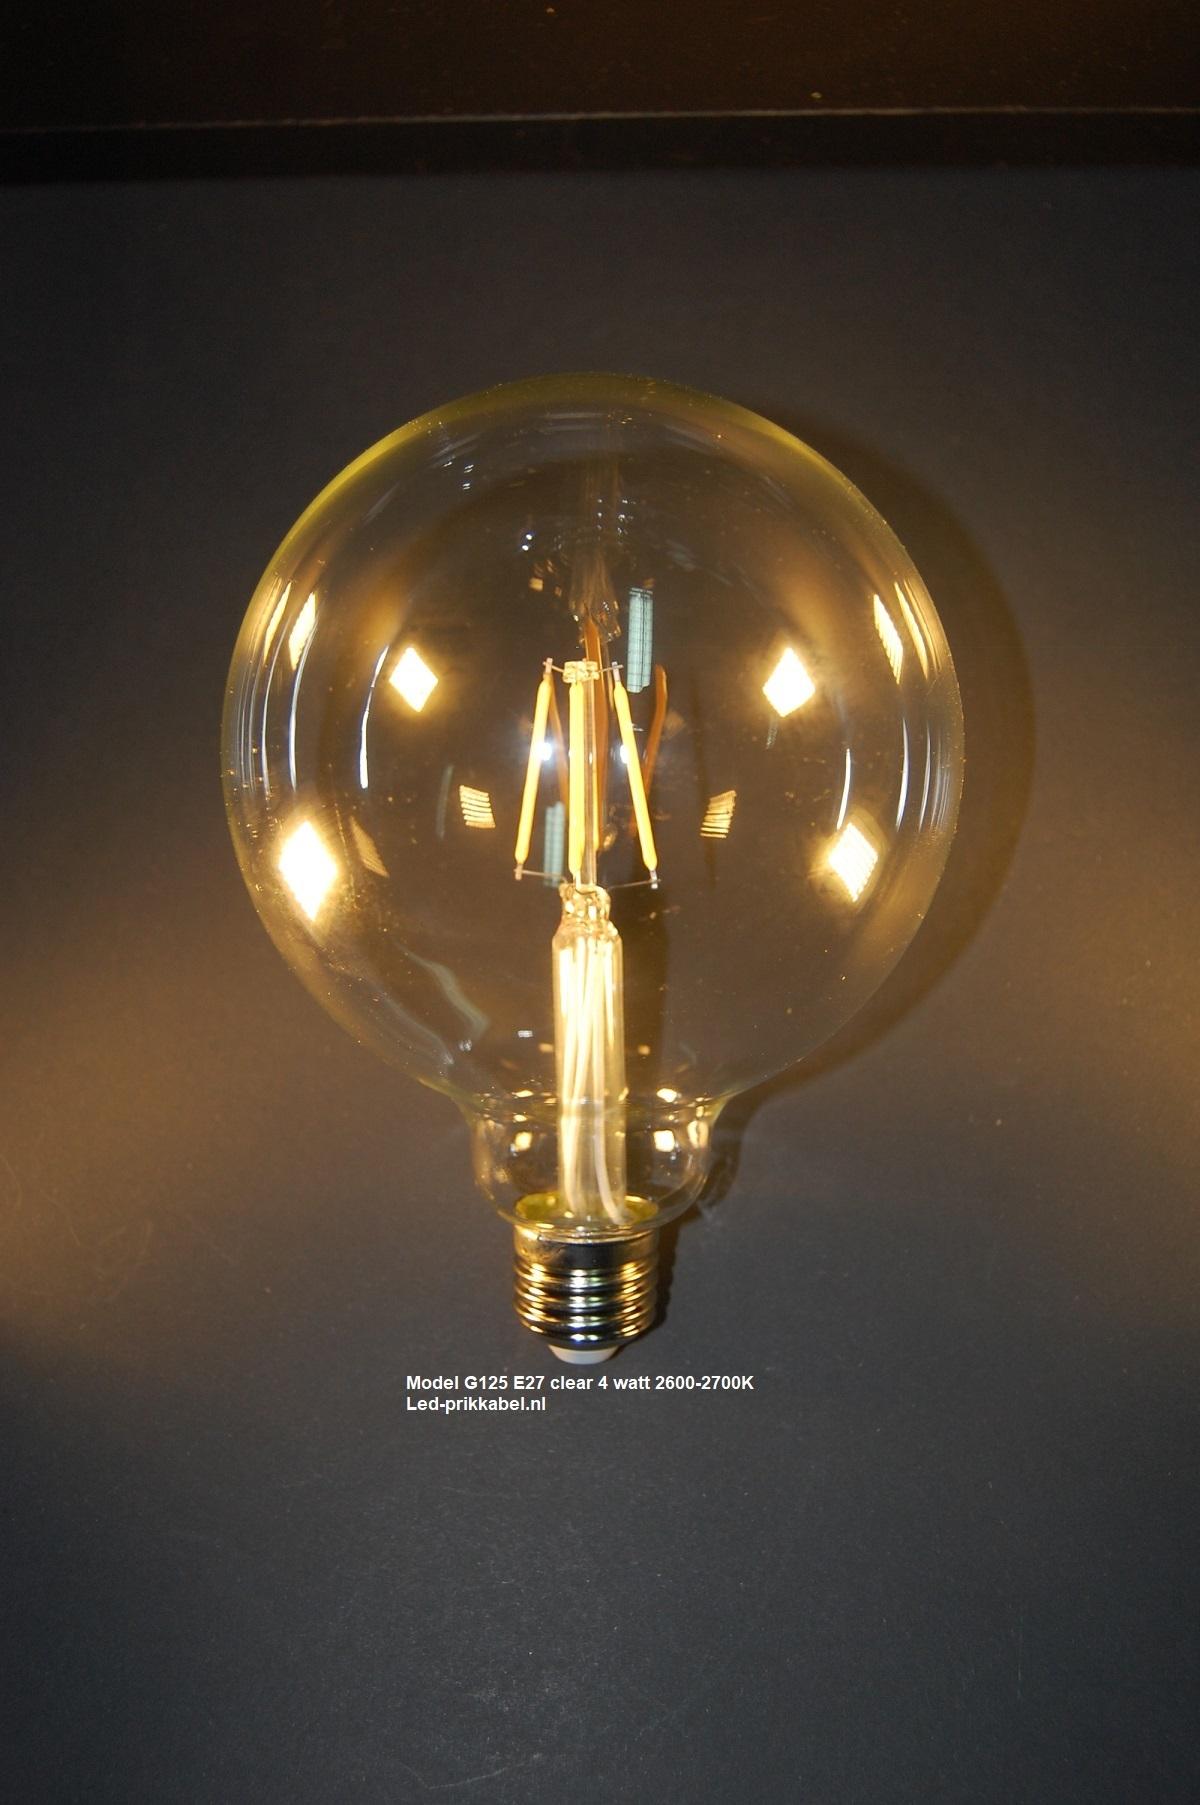 Led vintage Filament lampen